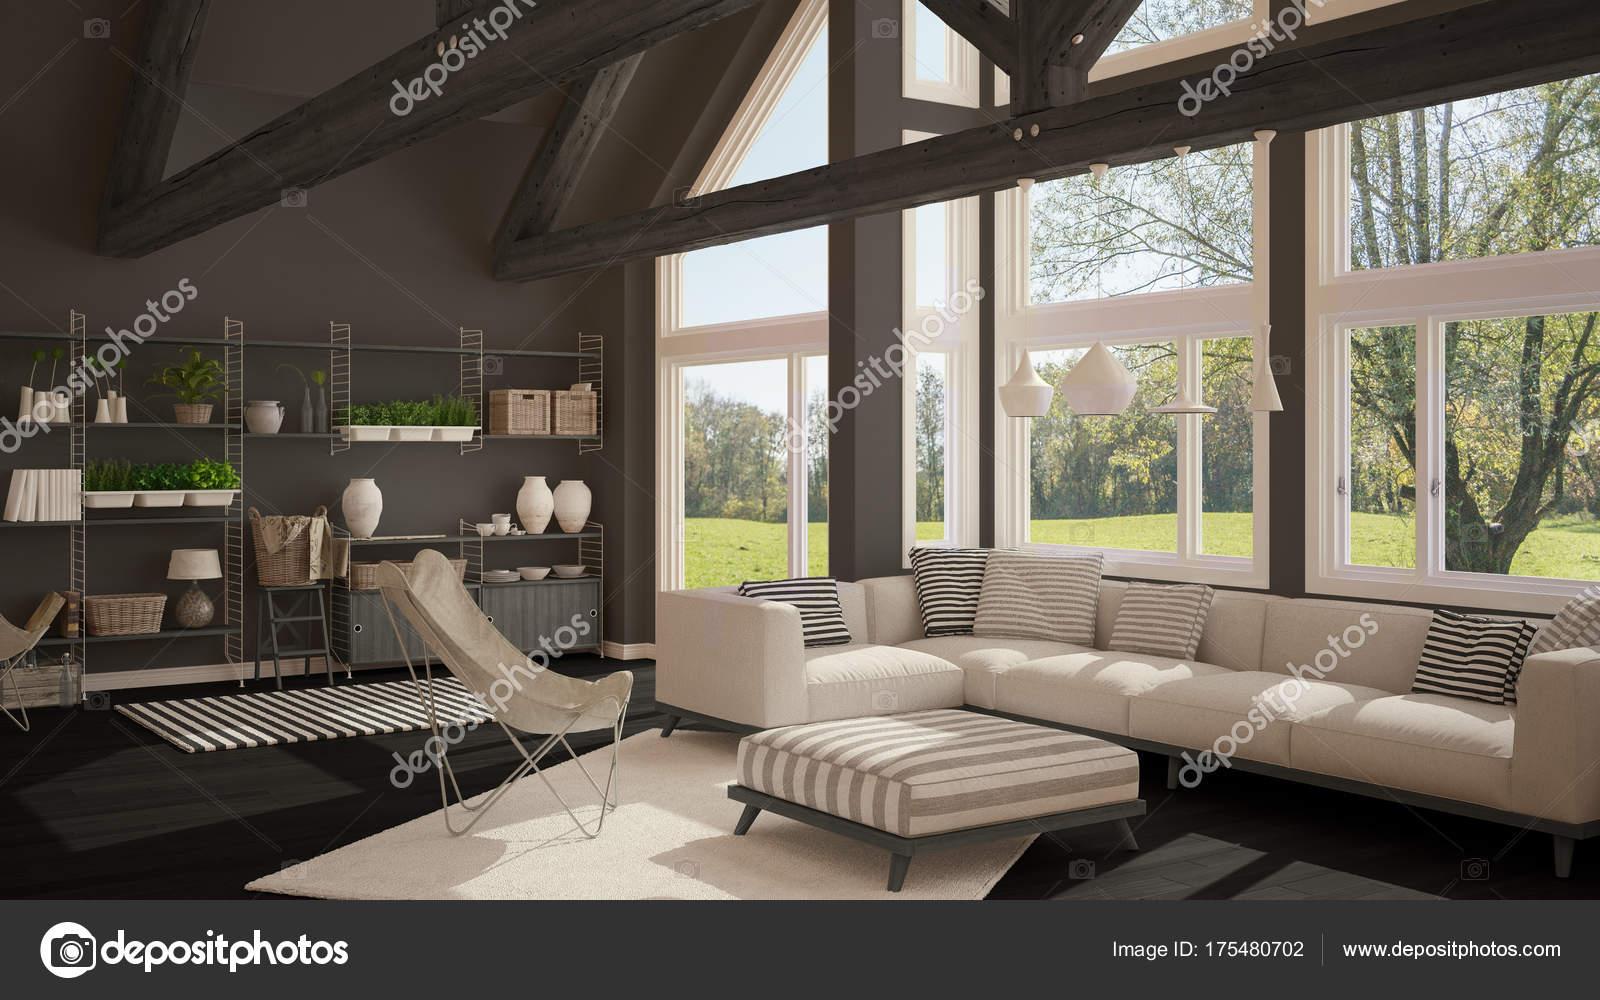 Soggiorno di lusso eco house pavimento in parquet e tetto in legno t foto stock archiviz - Soggiorni di lusso ...